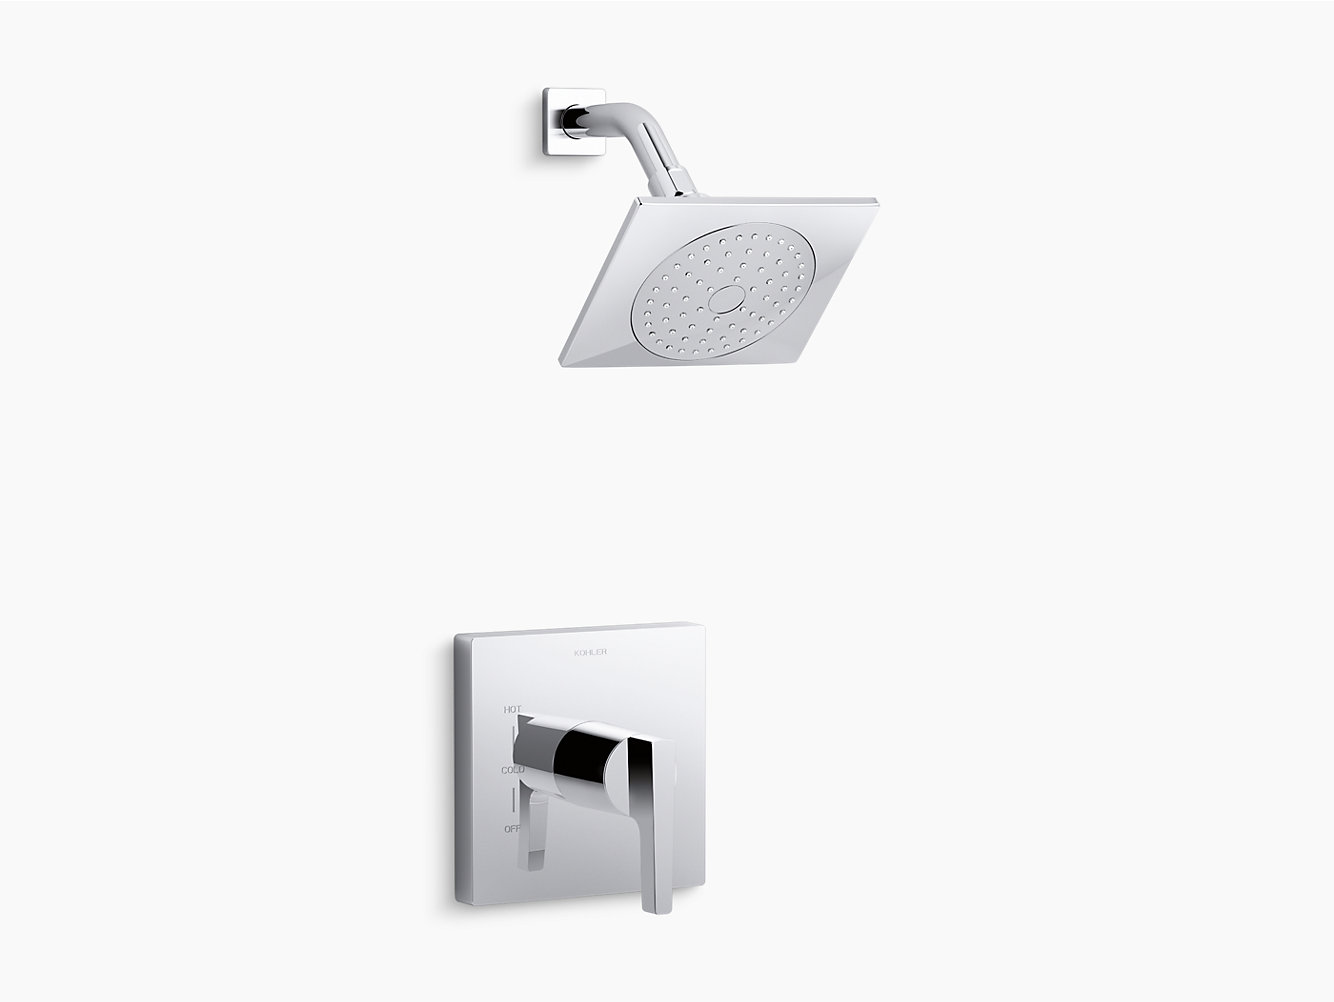 KOHLER | TS99764-4 | Kit de Ducha Honesty